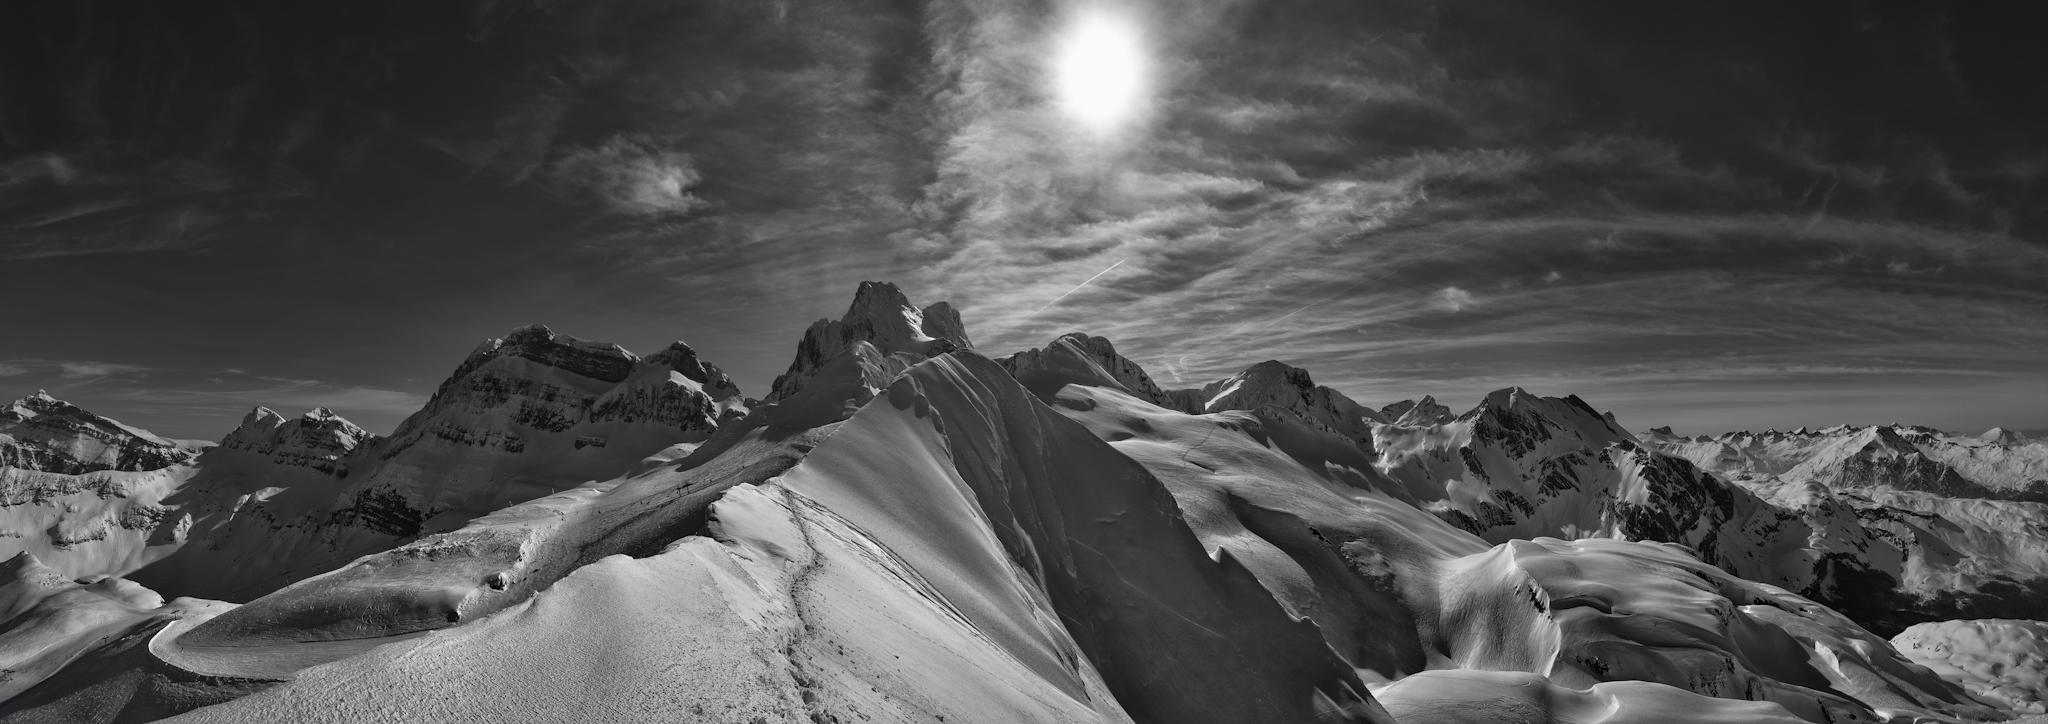 Panorámica desde la punta de La Zapatilla - Paisajes del valle - Fotos del Valle del Aragón, Mikel Besga